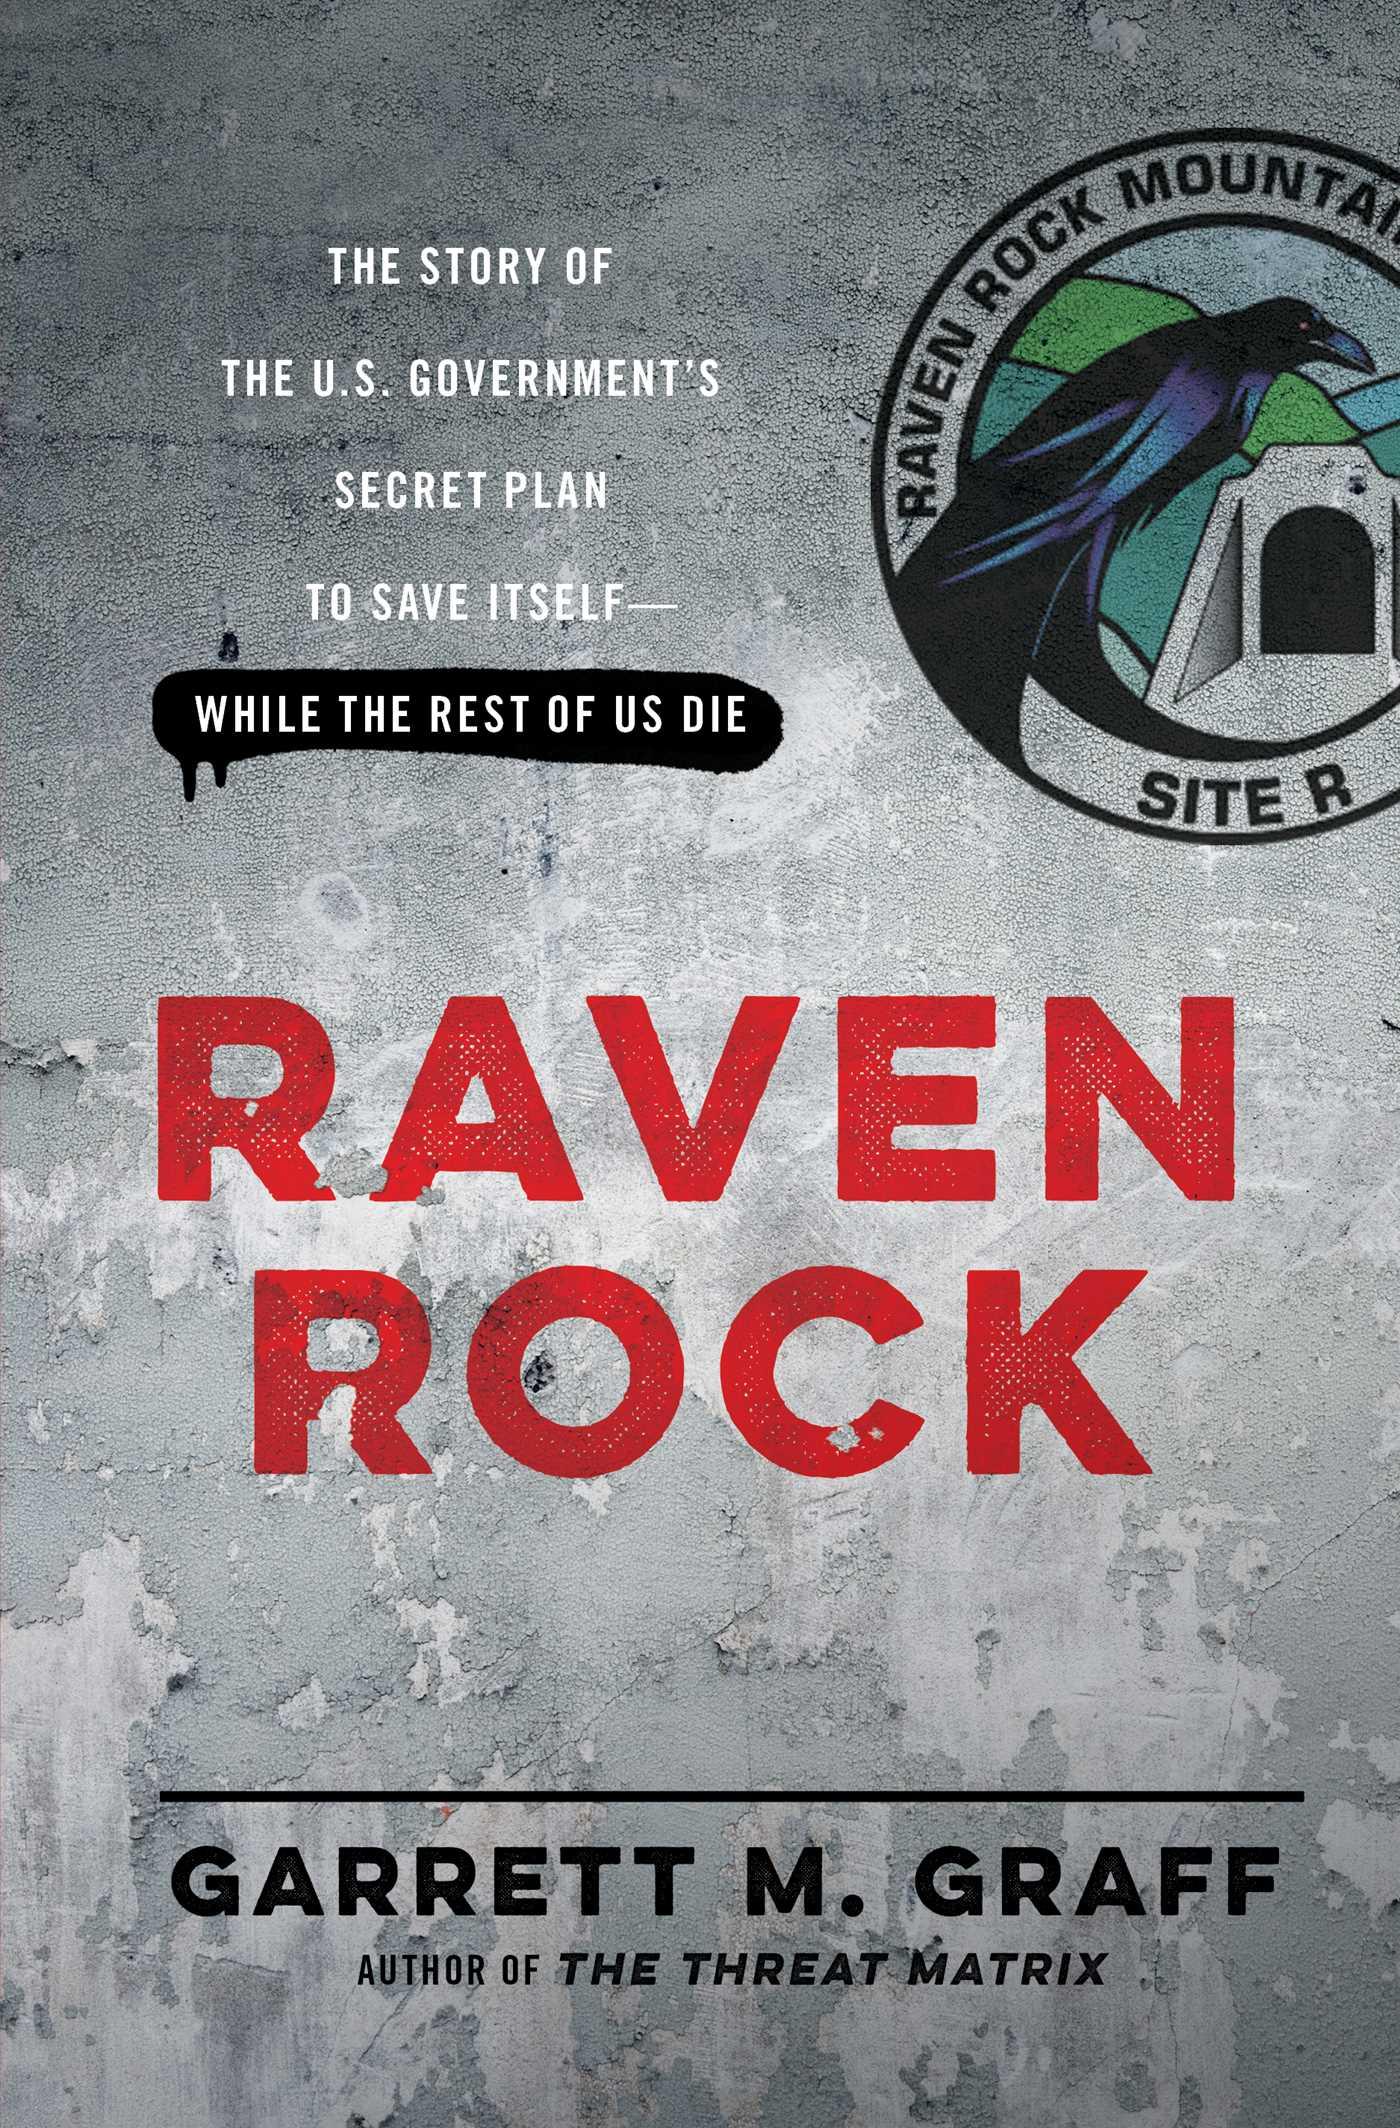 Raven rock 9781476735405 hr